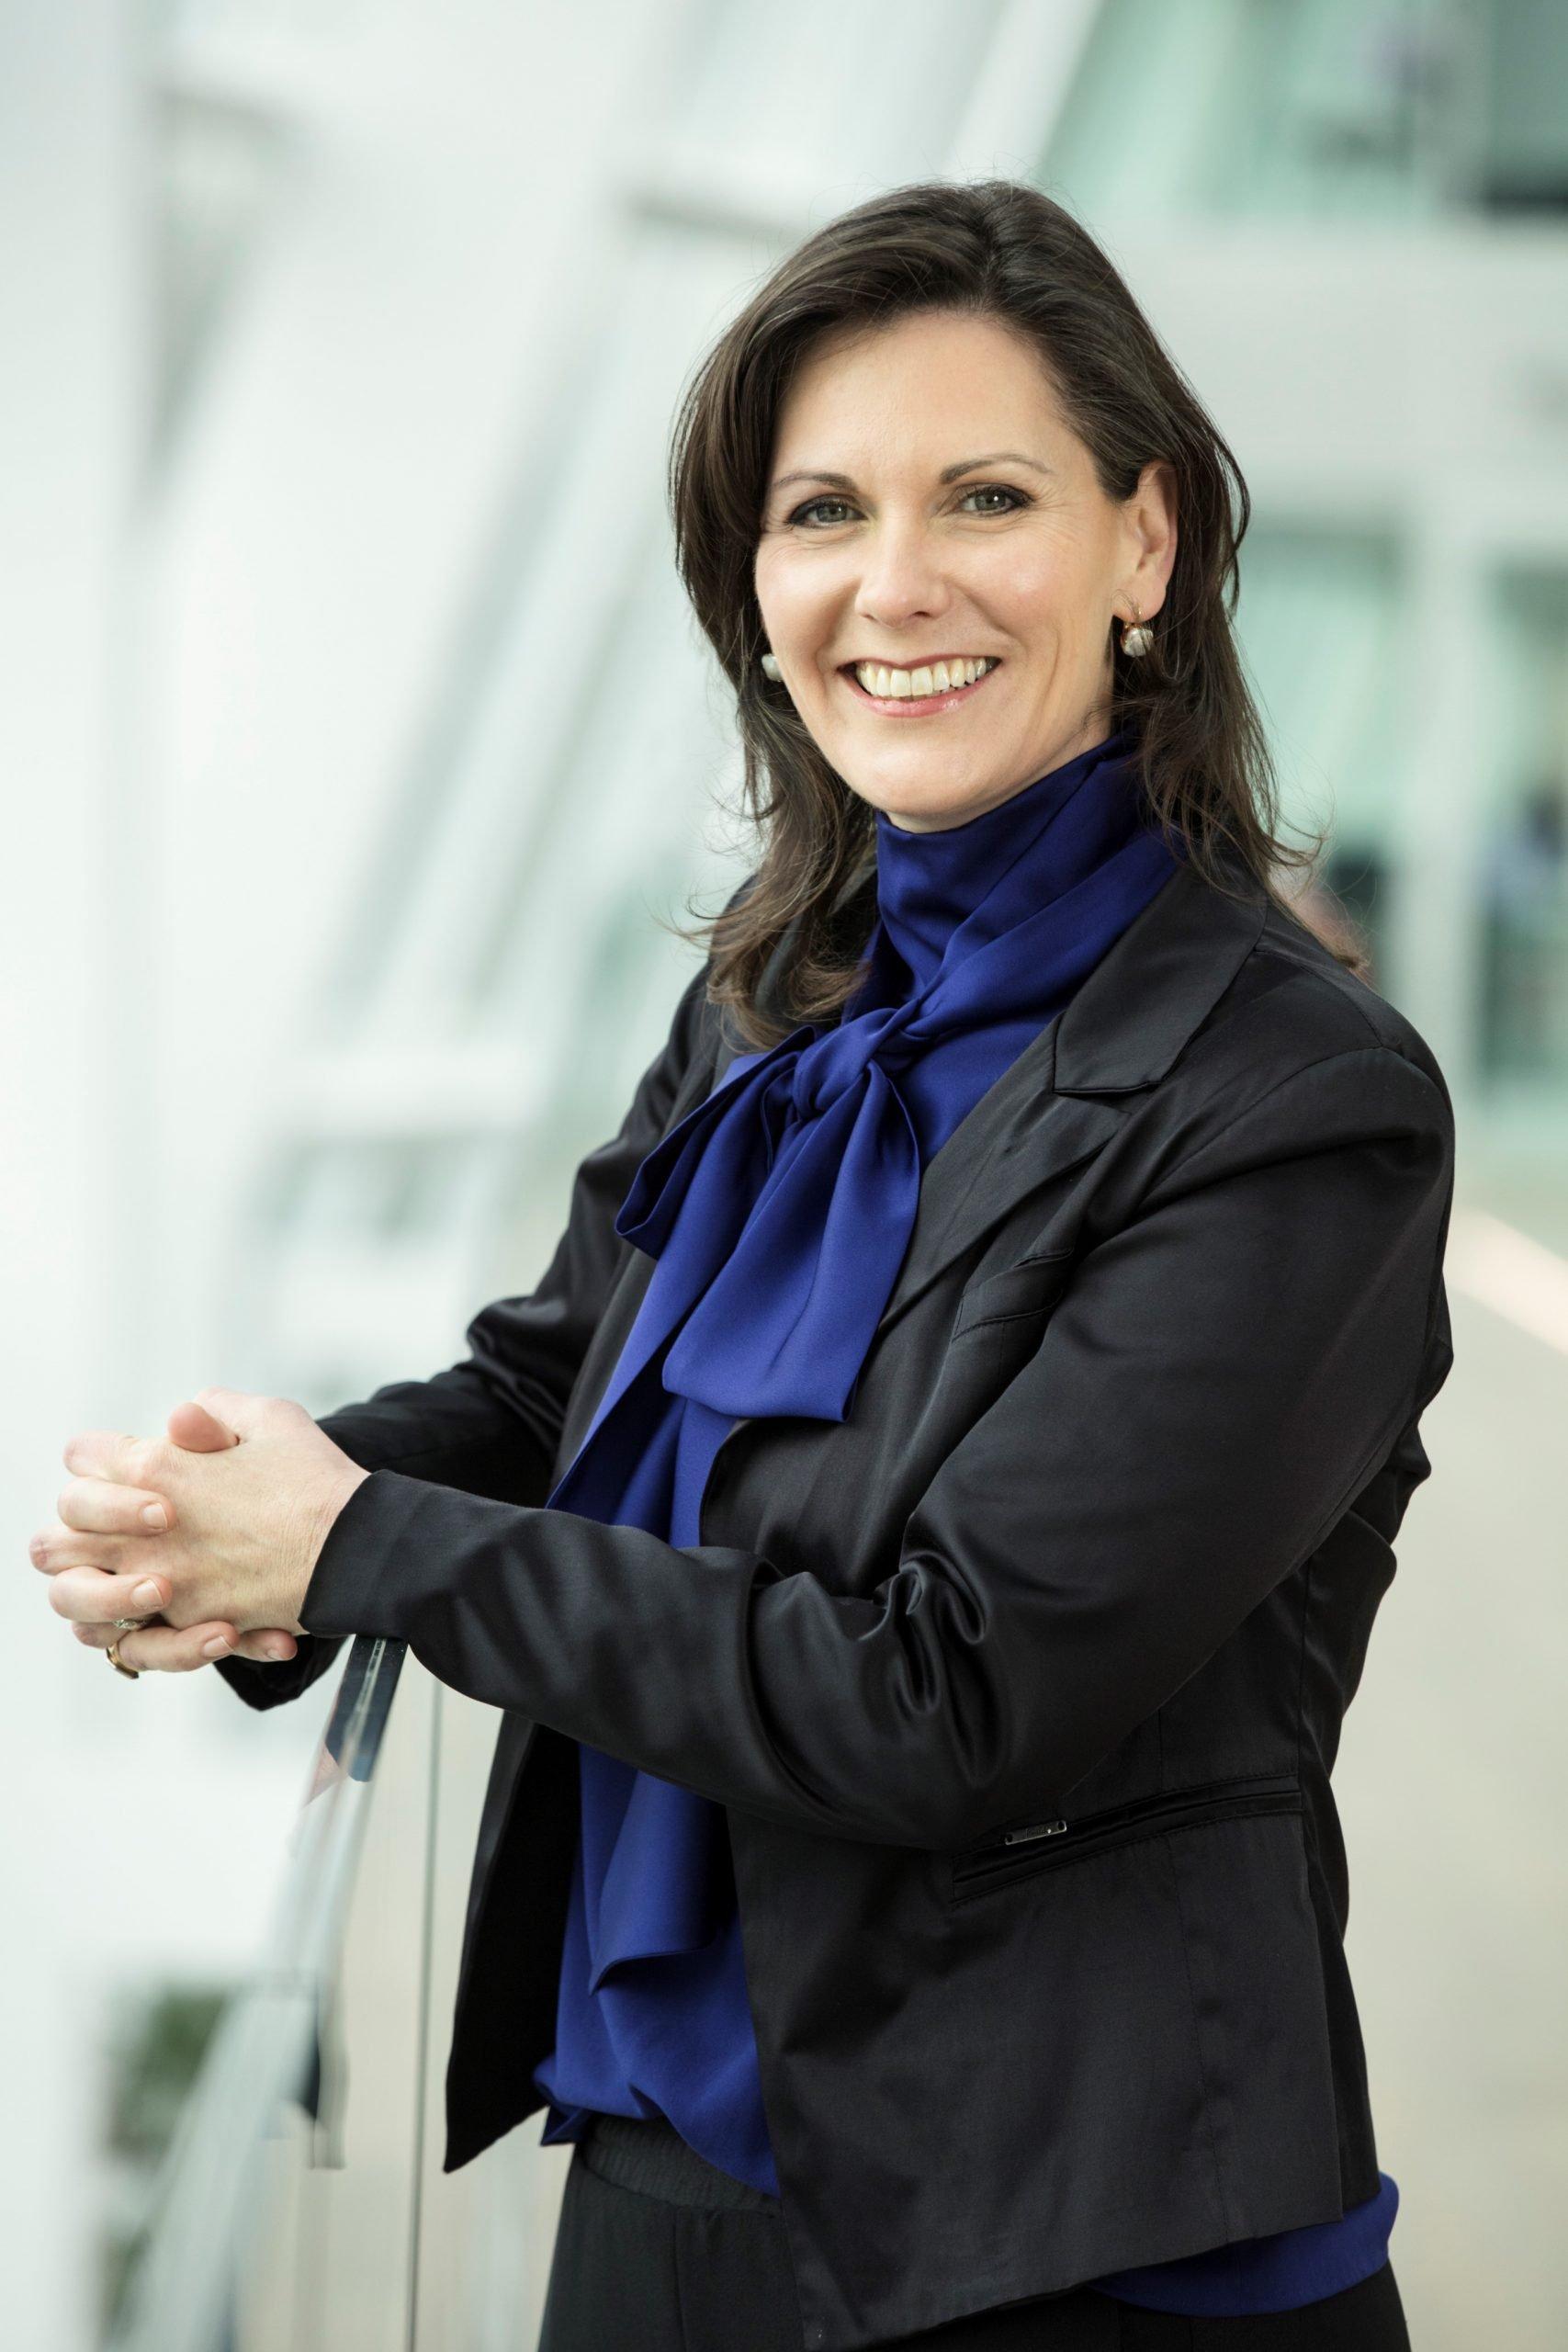 Melissa Raczak